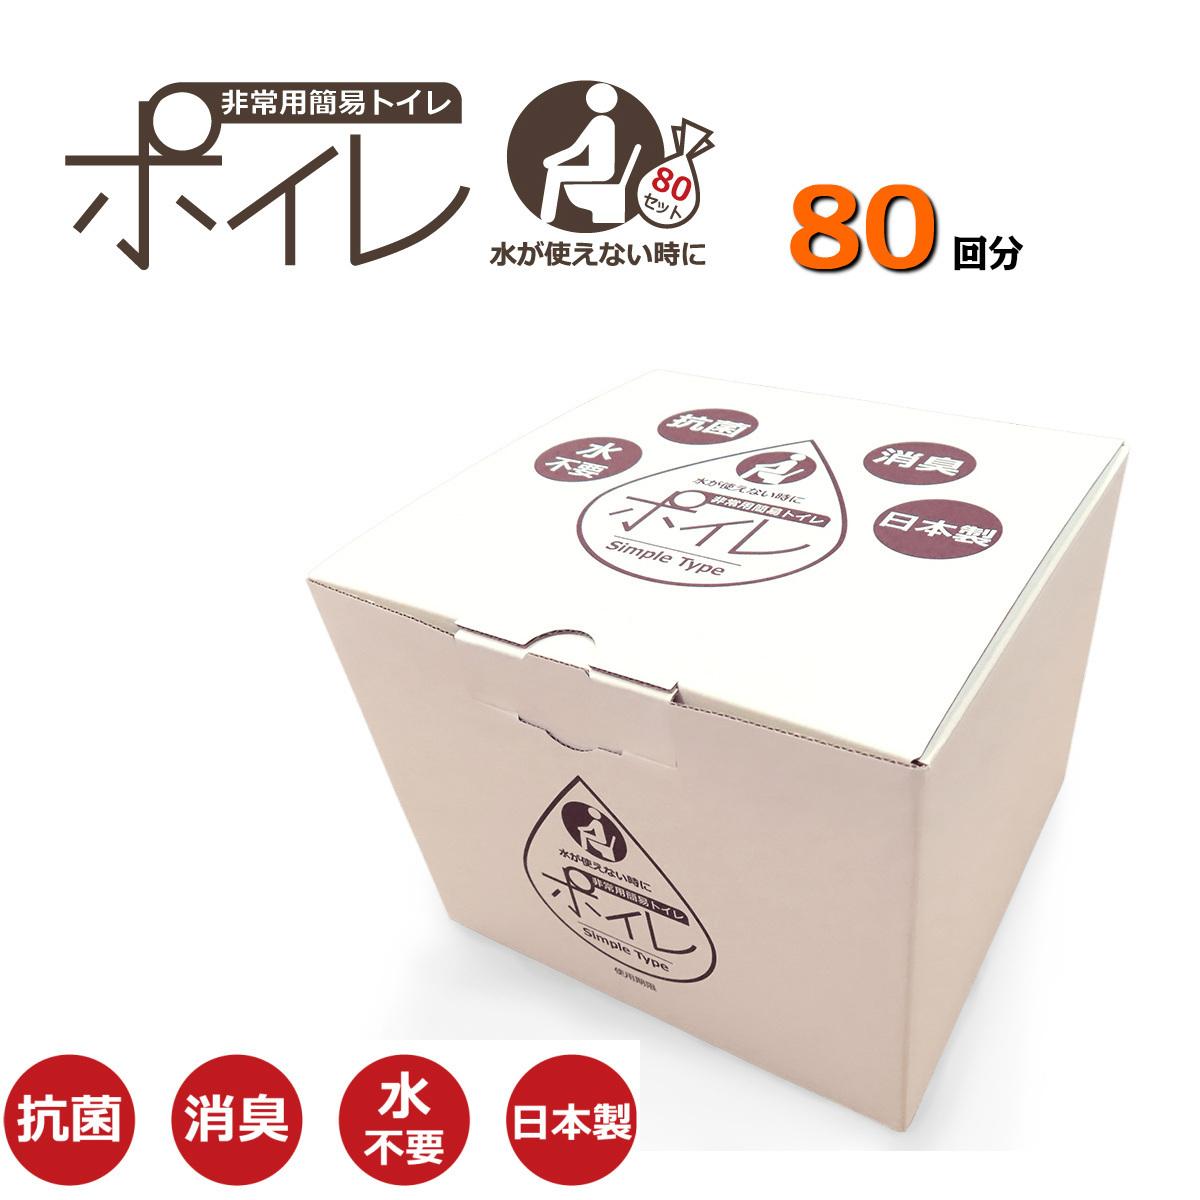 開店記念価格! 非常用簡易トイレ ポイレ 80回分 シンプルタイプ 送料無料(北海道・沖縄除く)